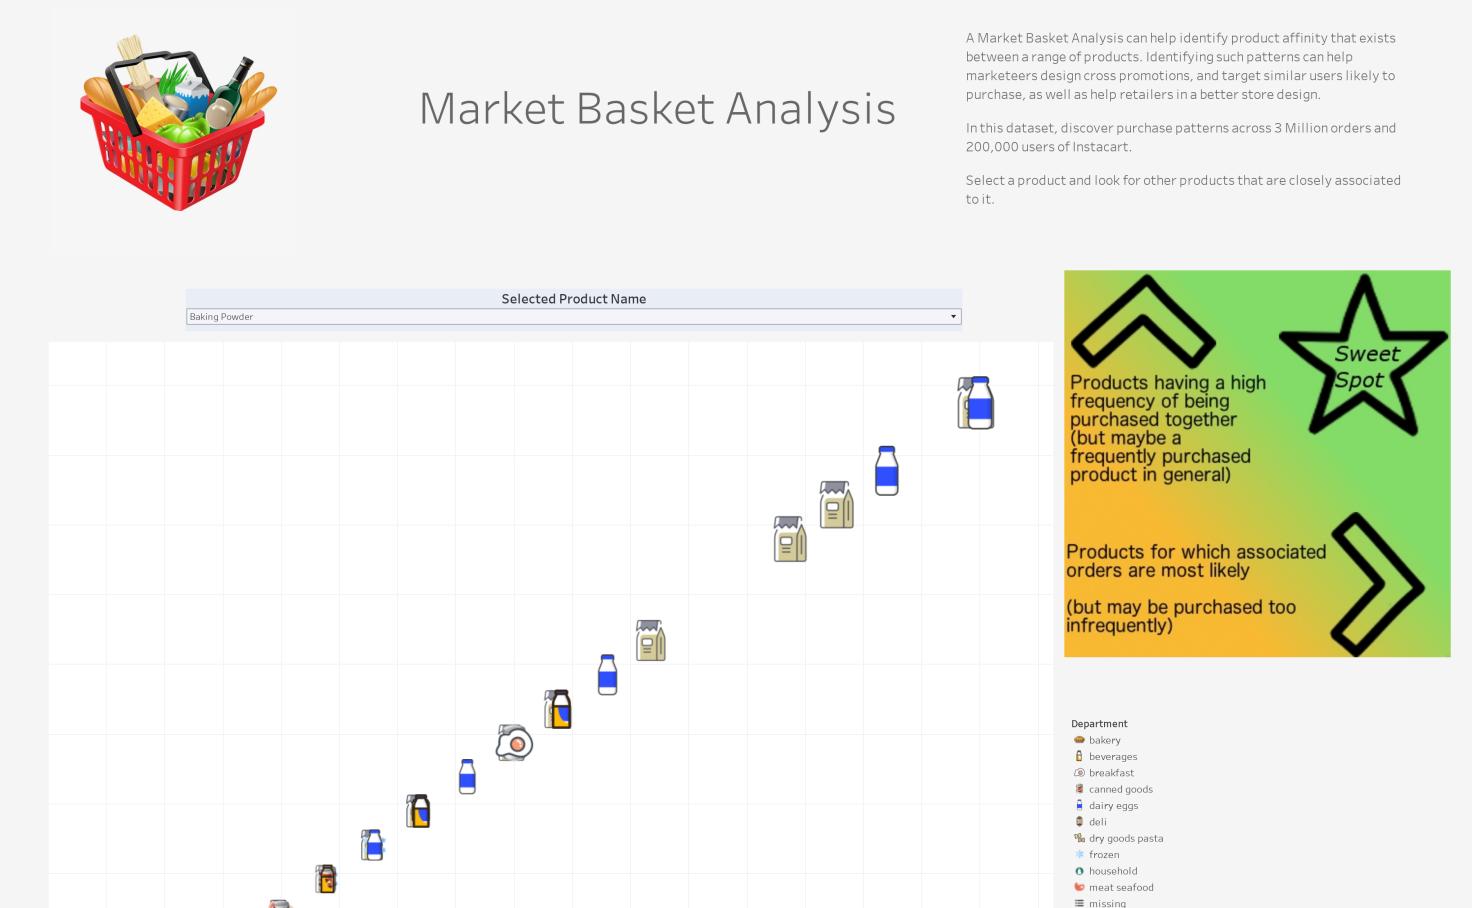 a053a95c4f7 Market Basket Analysis - Farhan Farooq | Tableau Public